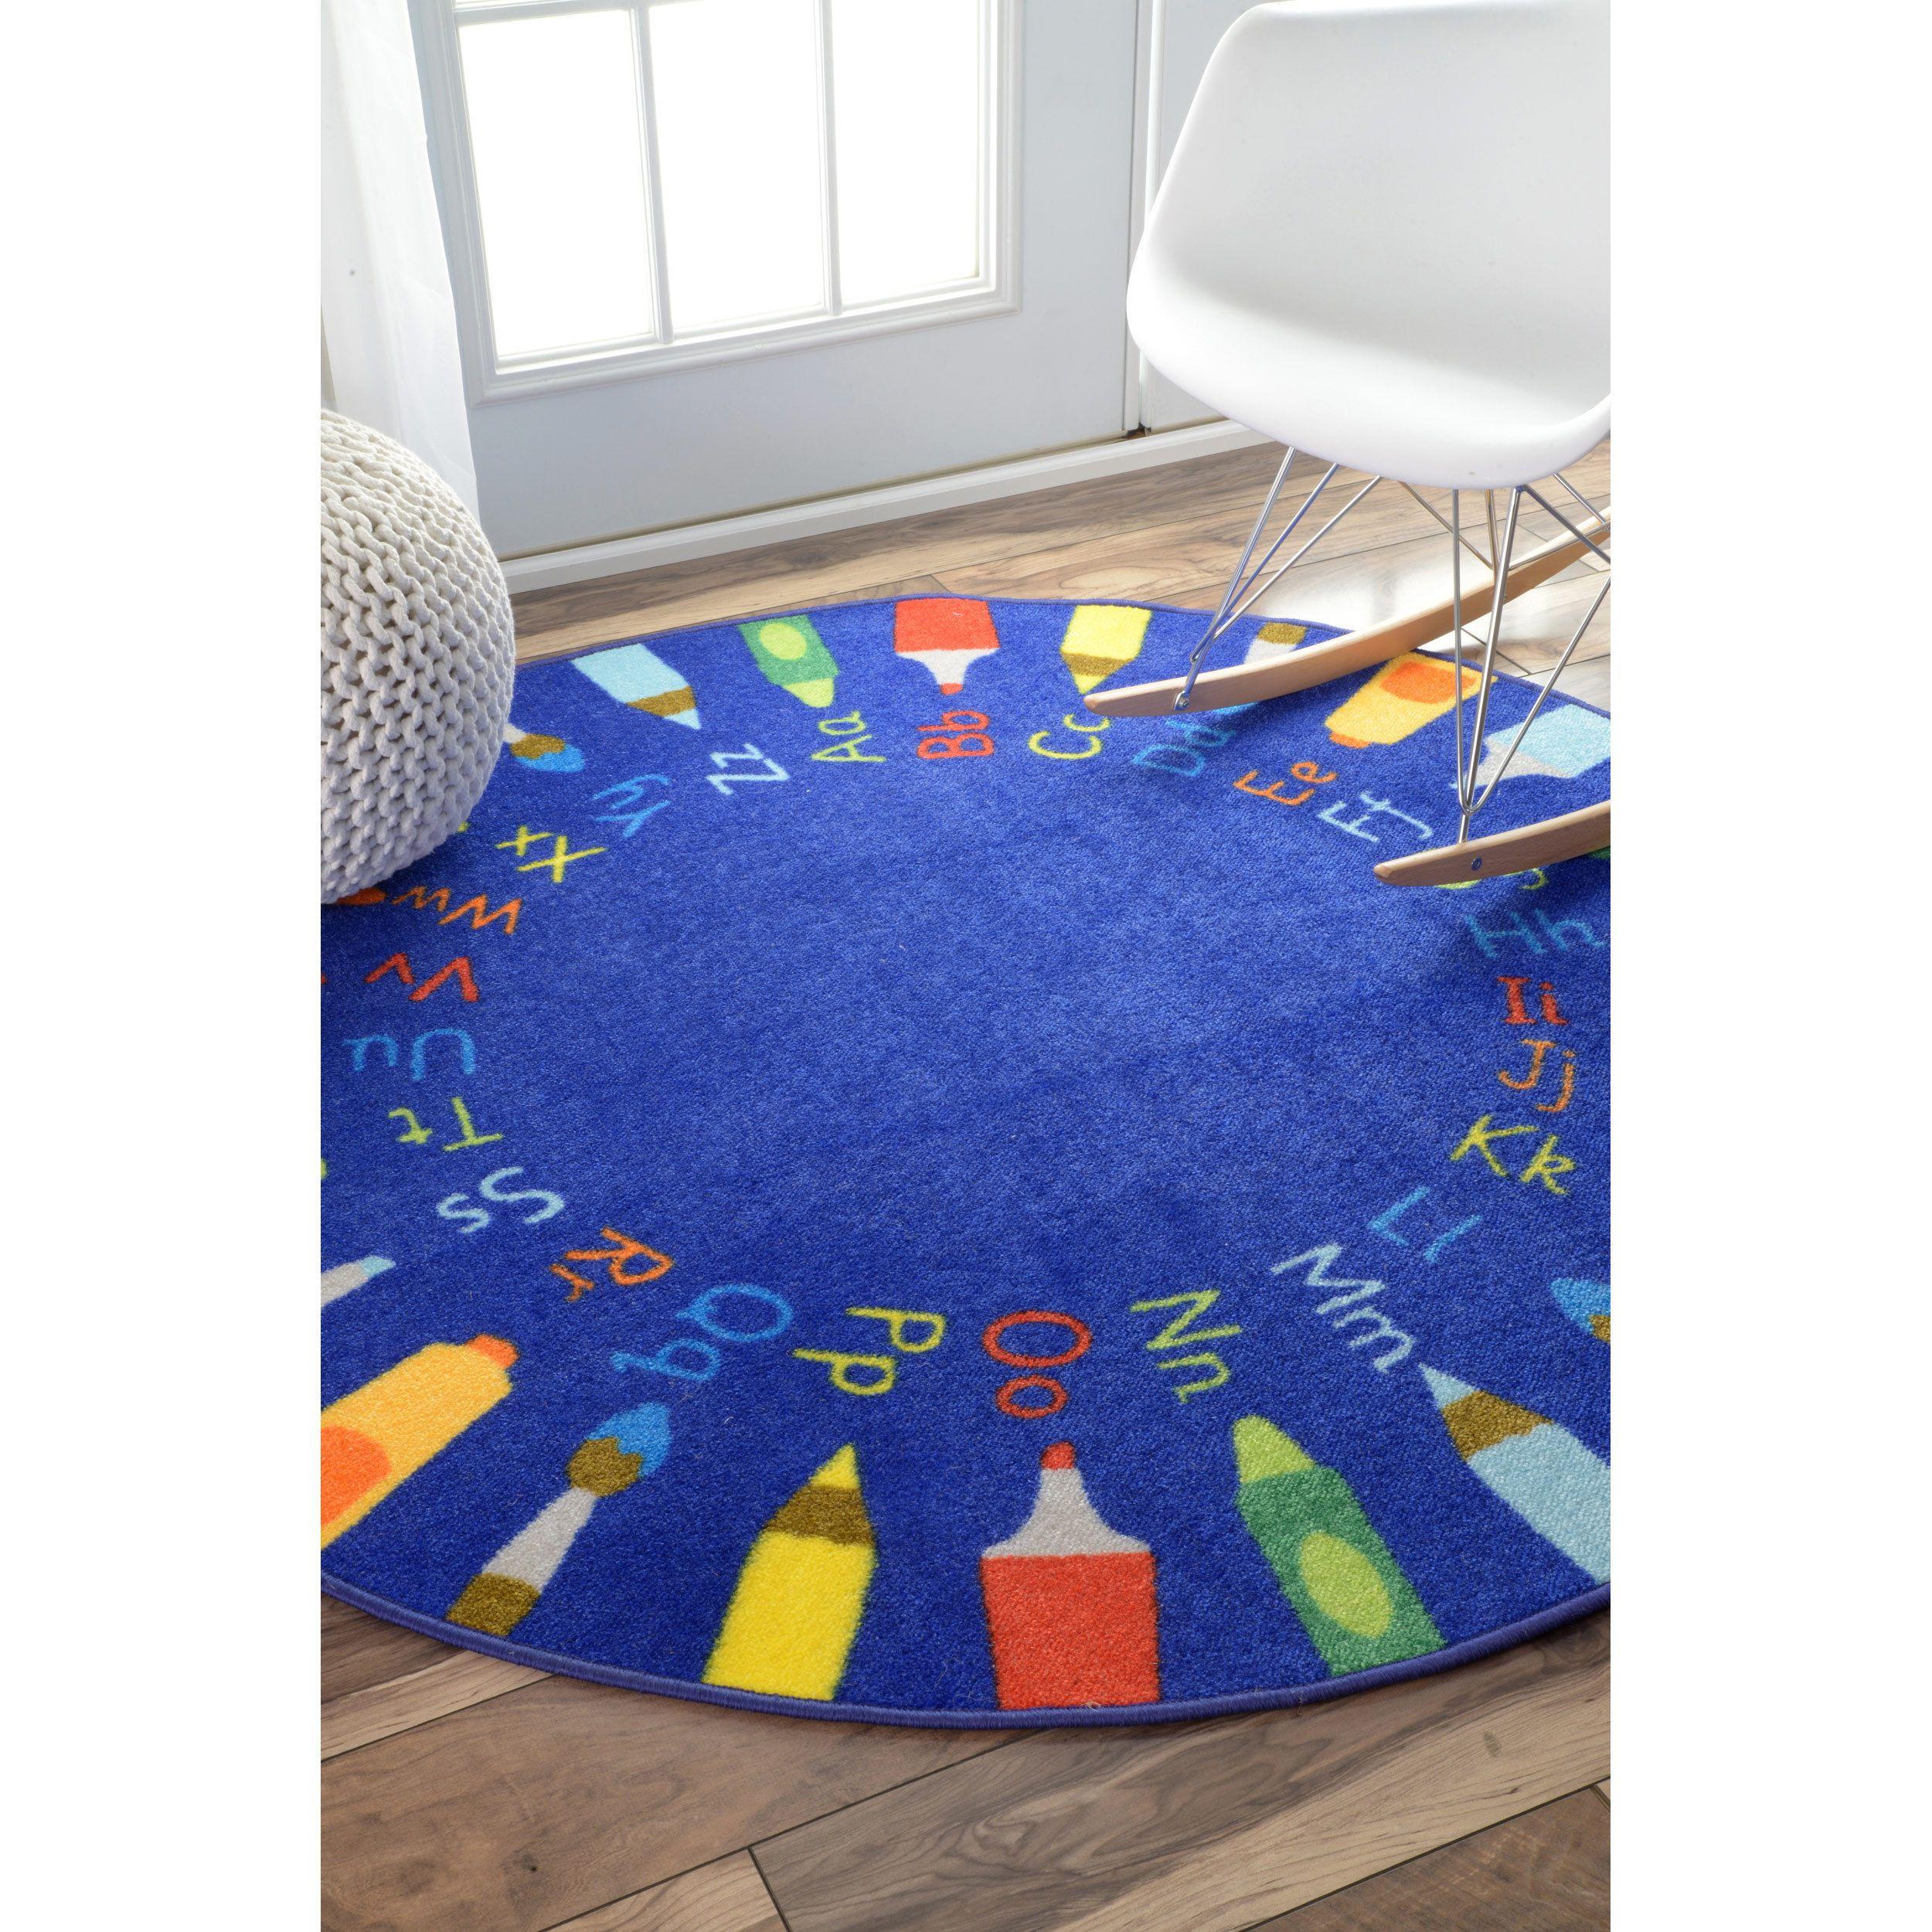 Kids Rugs Area Blue Playroom